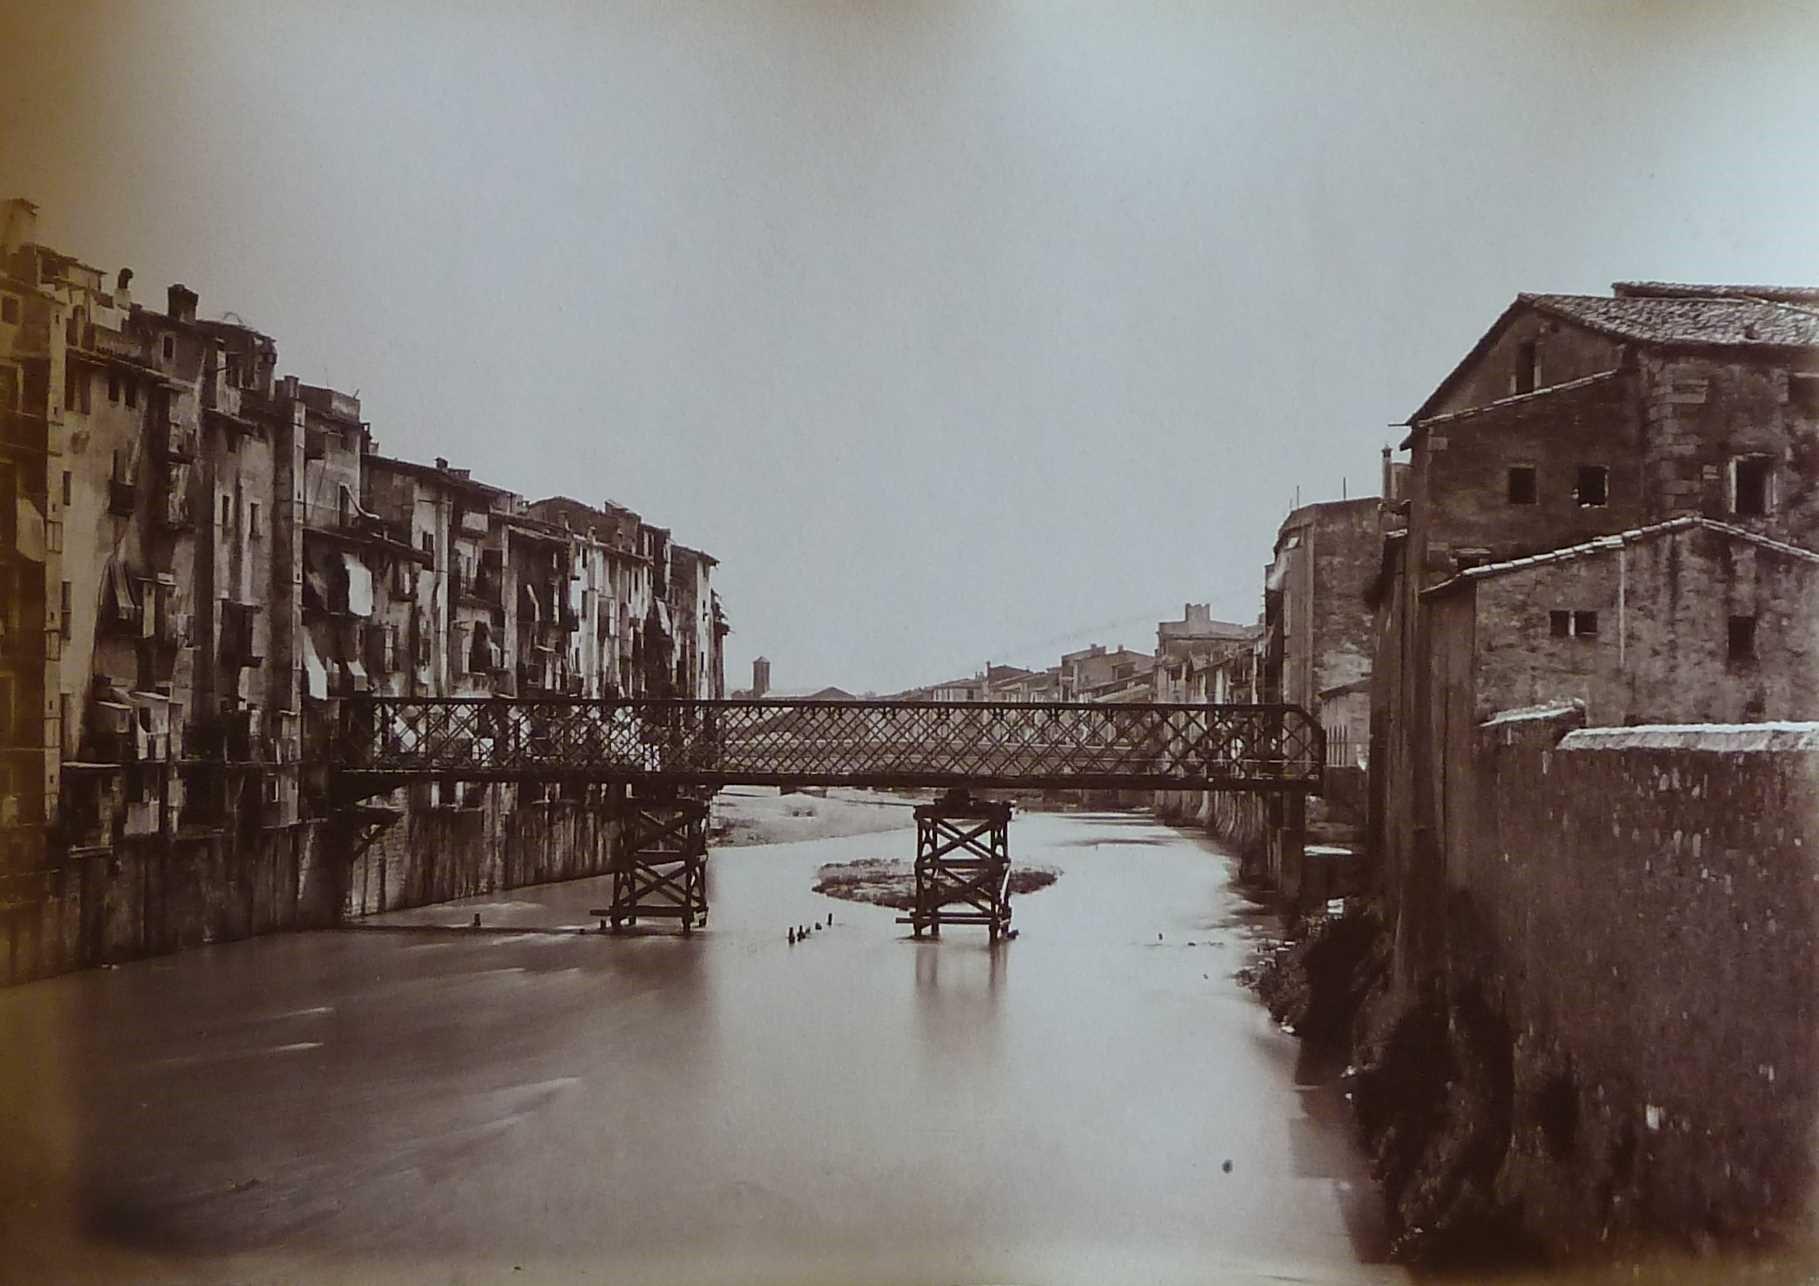 Puente de hierro inaugurado en 1877